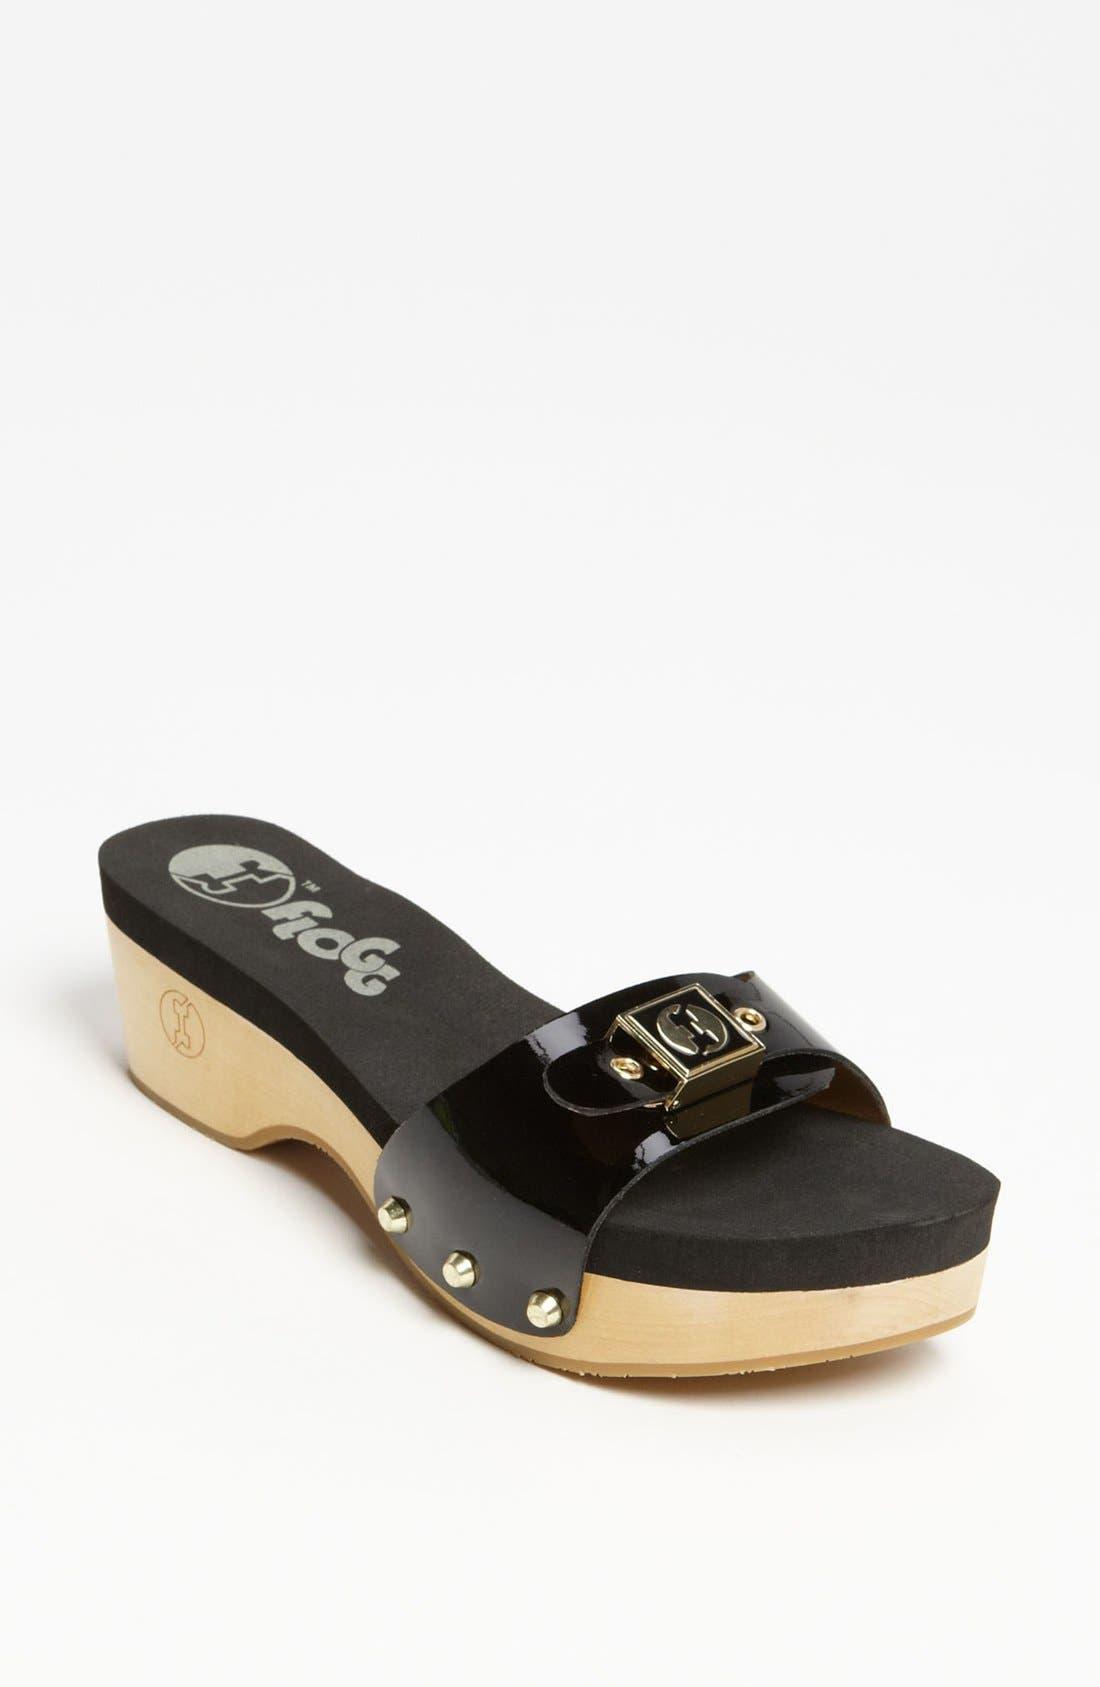 Alternate Image 1 Selected - Flogg 'Melanie' Sandal